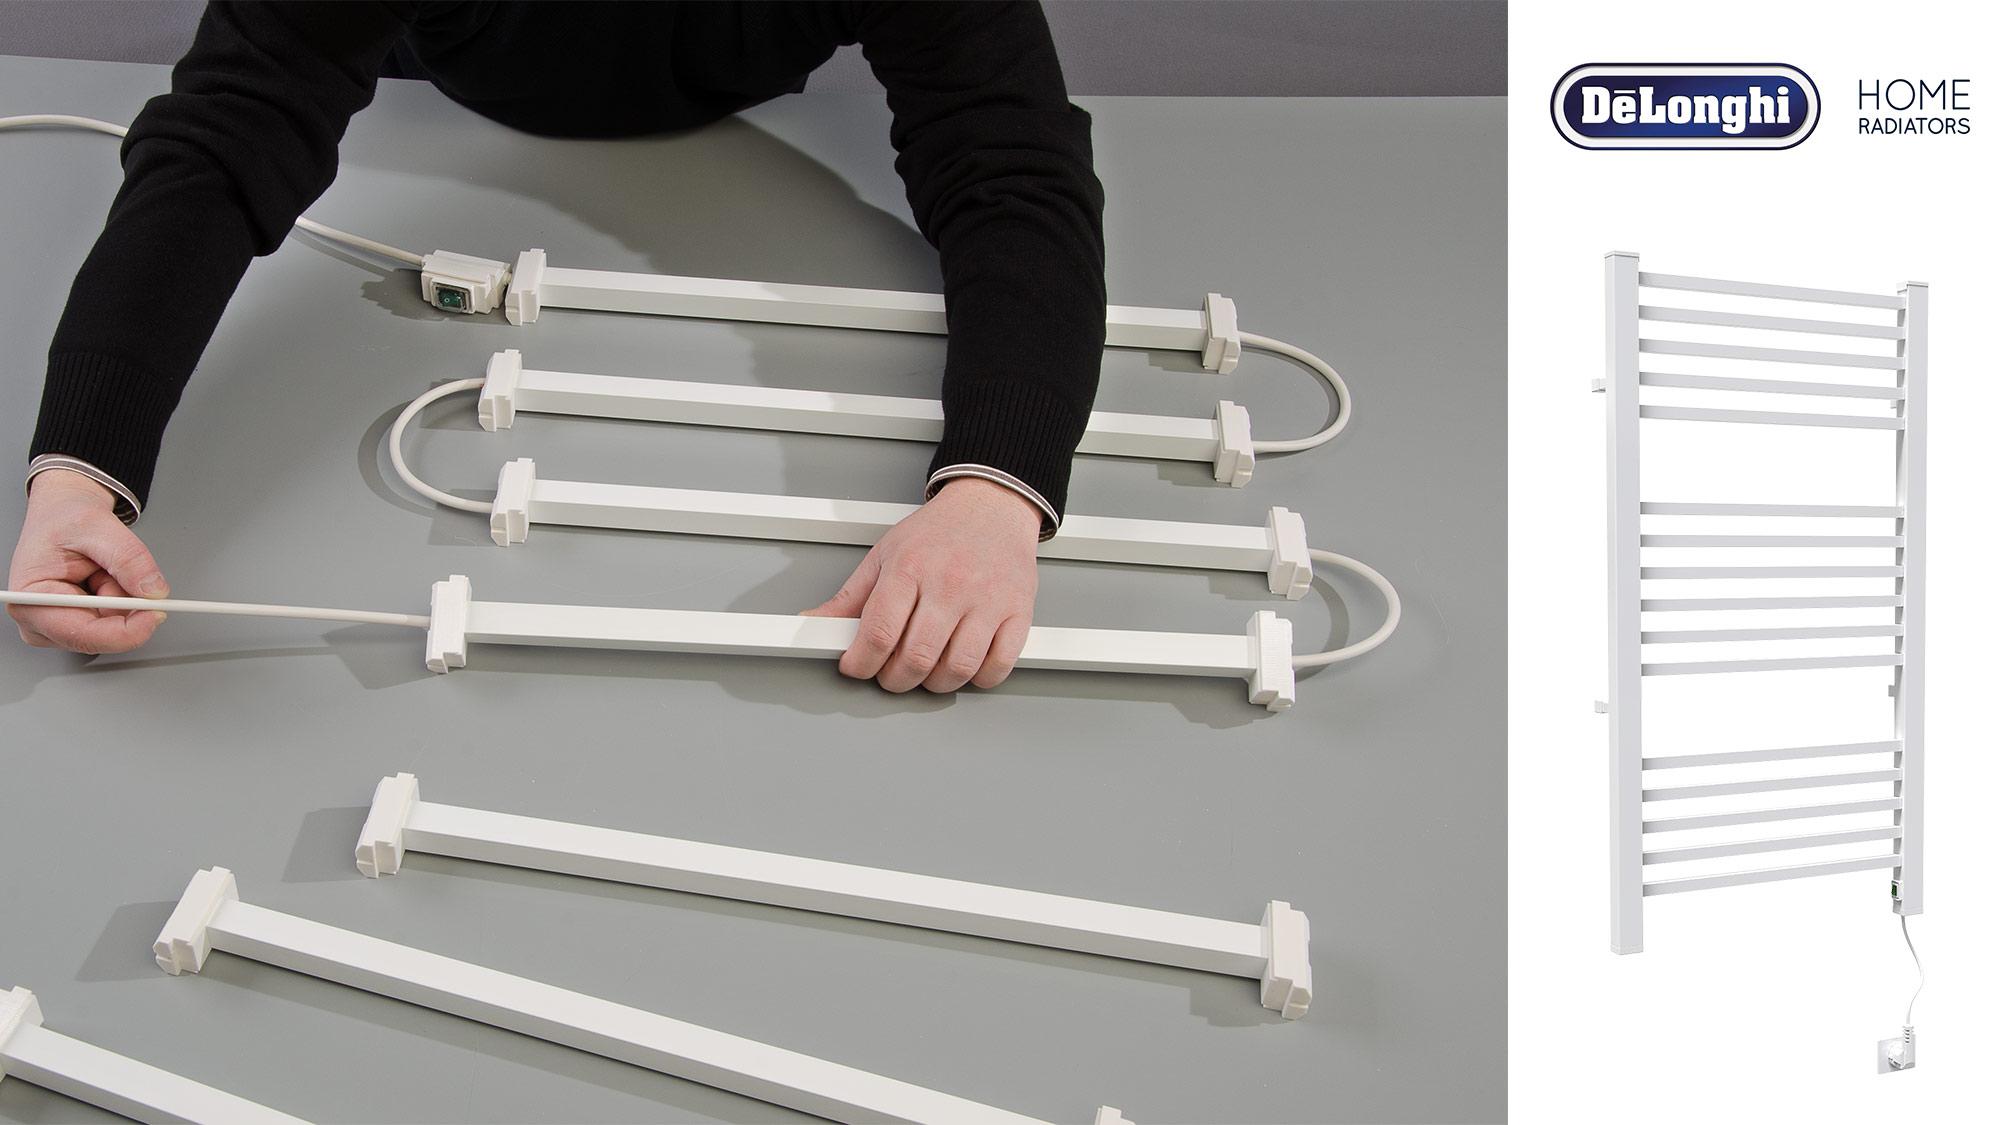 Termoarredo in kit Ottavio De' Longhi | Guida all'installazione